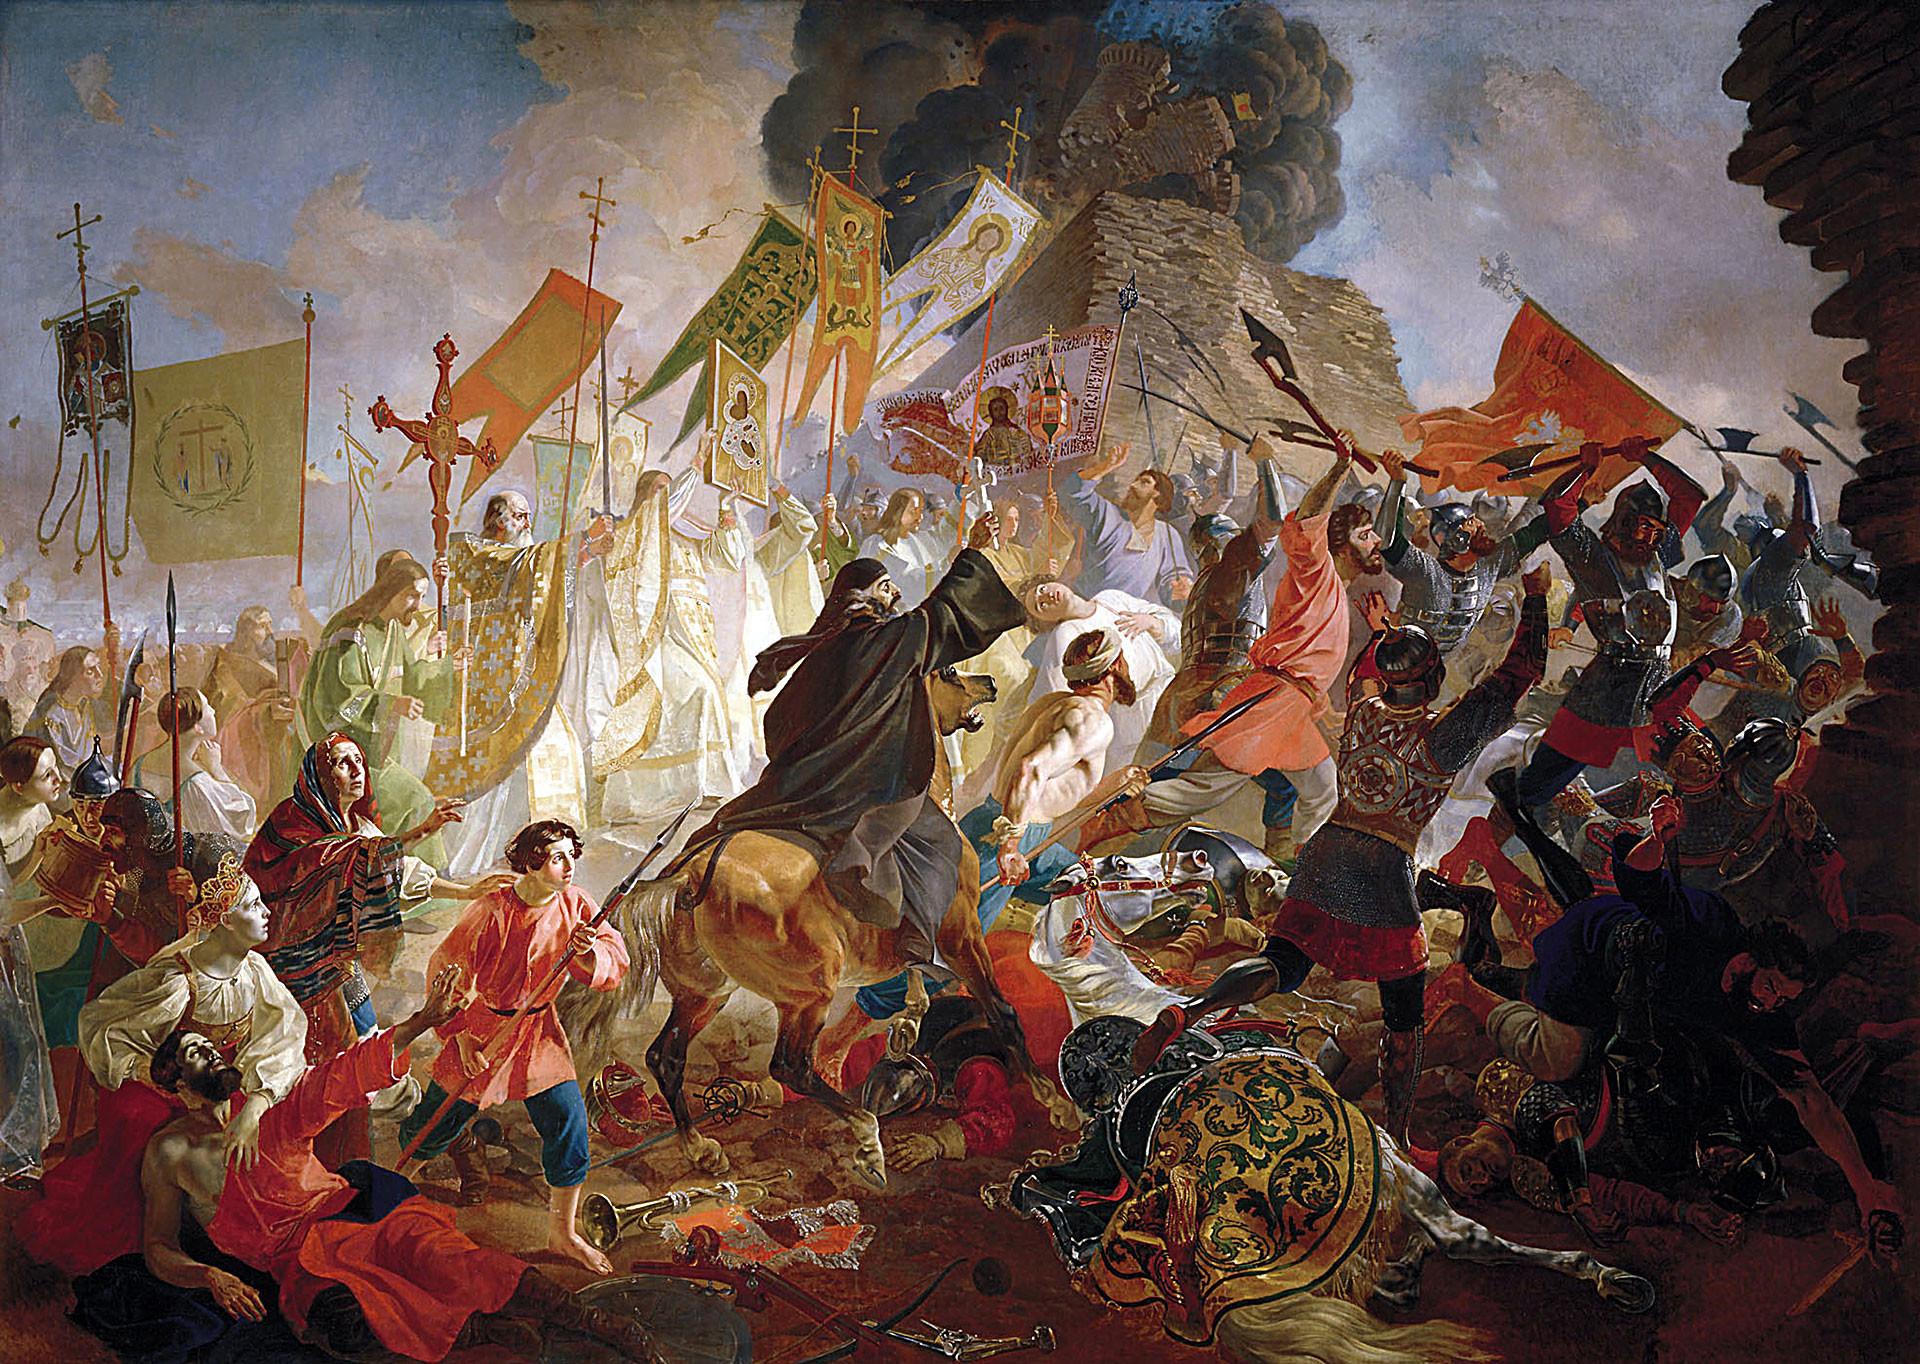 Војска пољског краља Стефана Баторија ставља под опсаду Псков, 1843. Карл Брјулов, уље на платну.